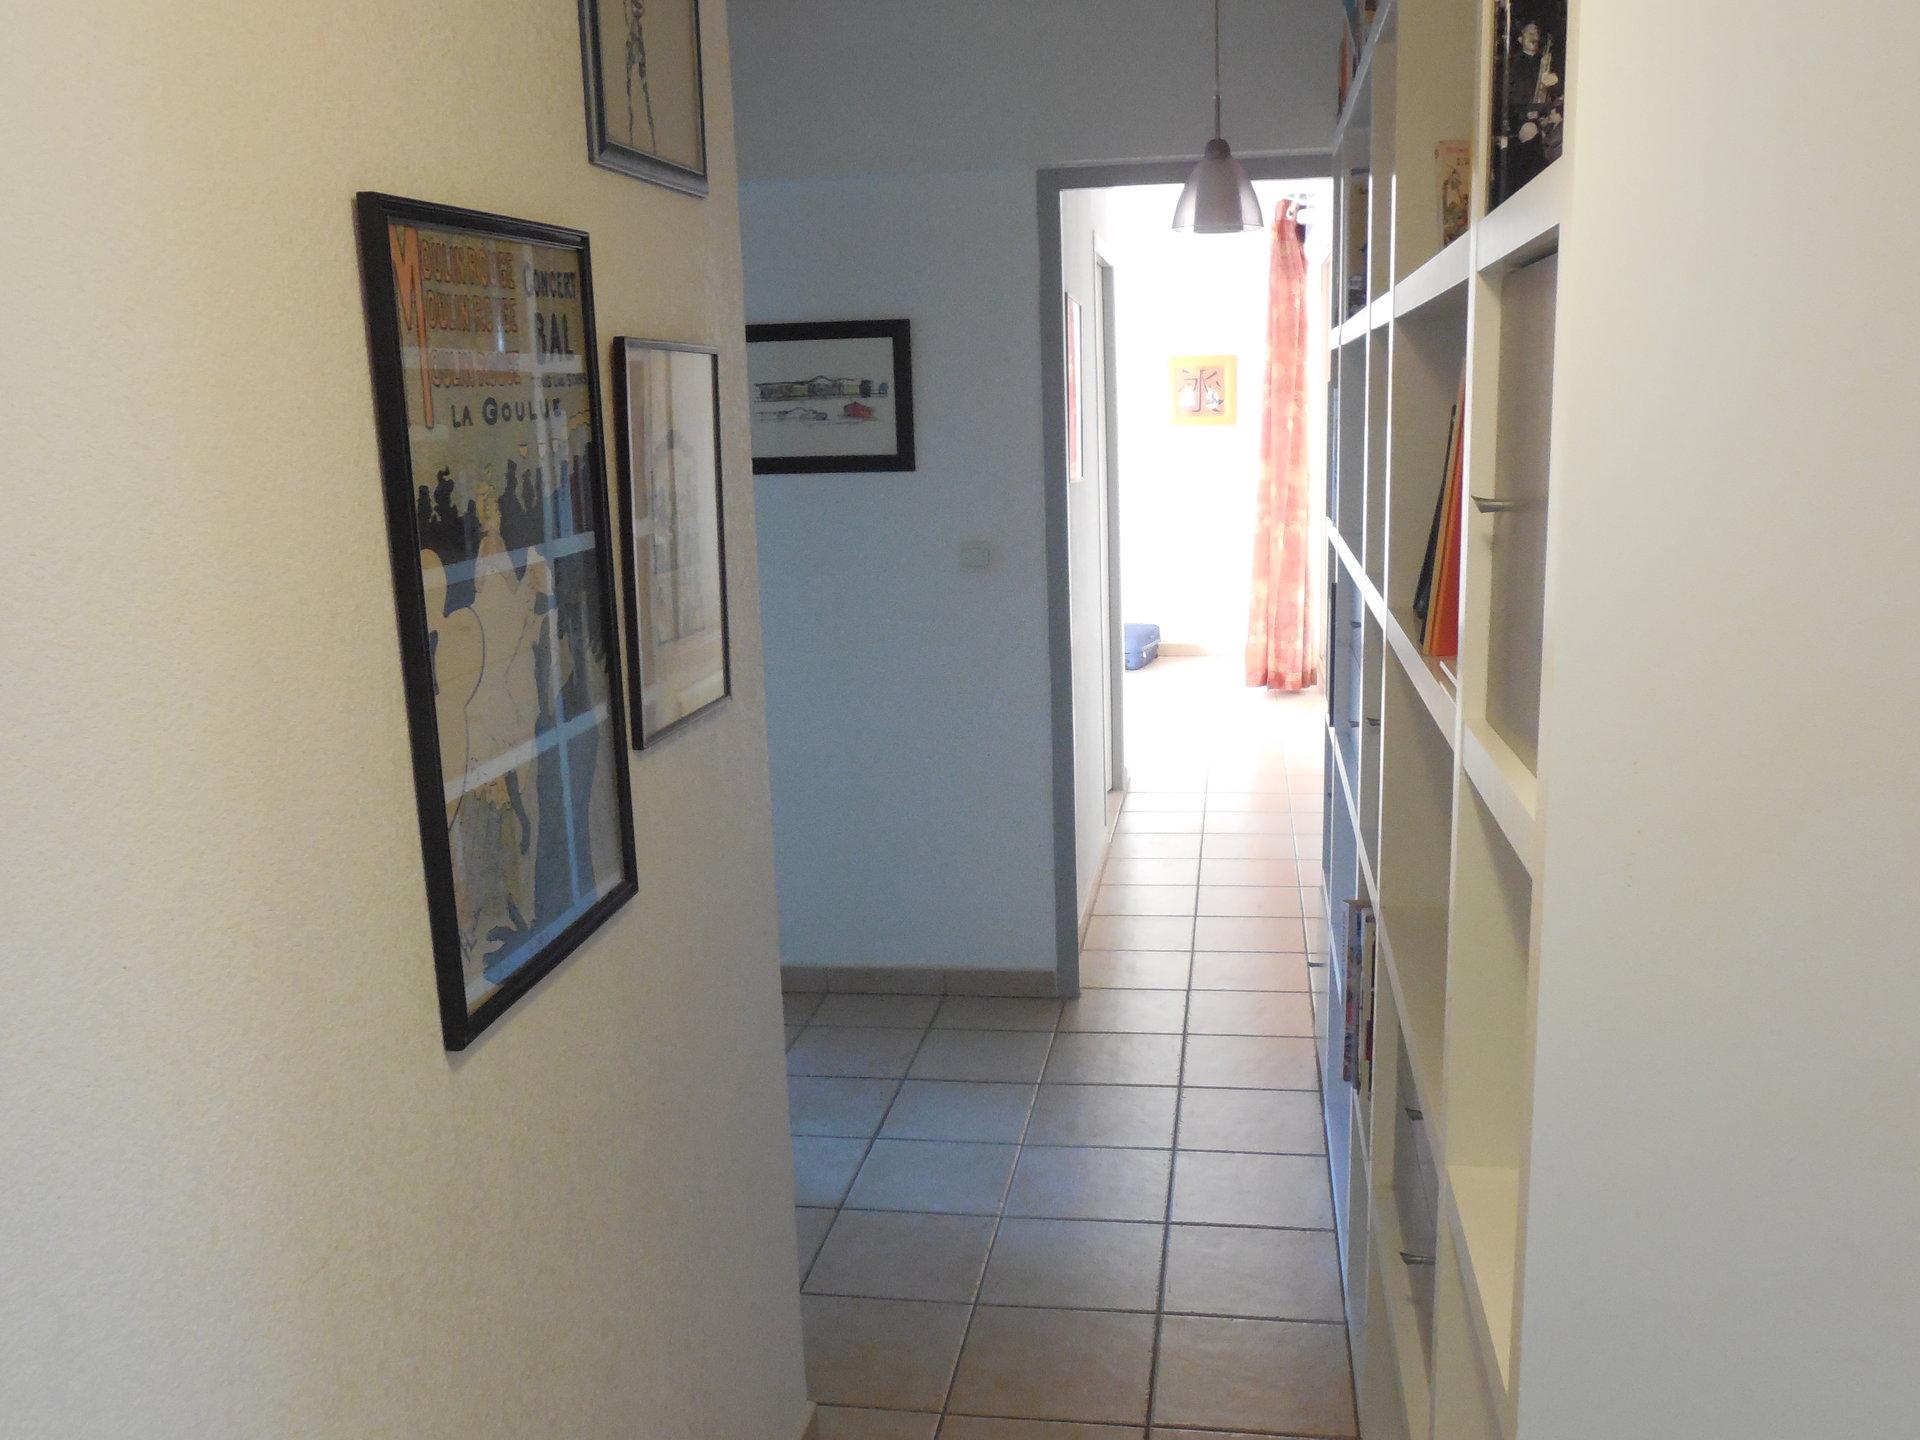 A vendre appartement T5  Saint Cyprien plage sud